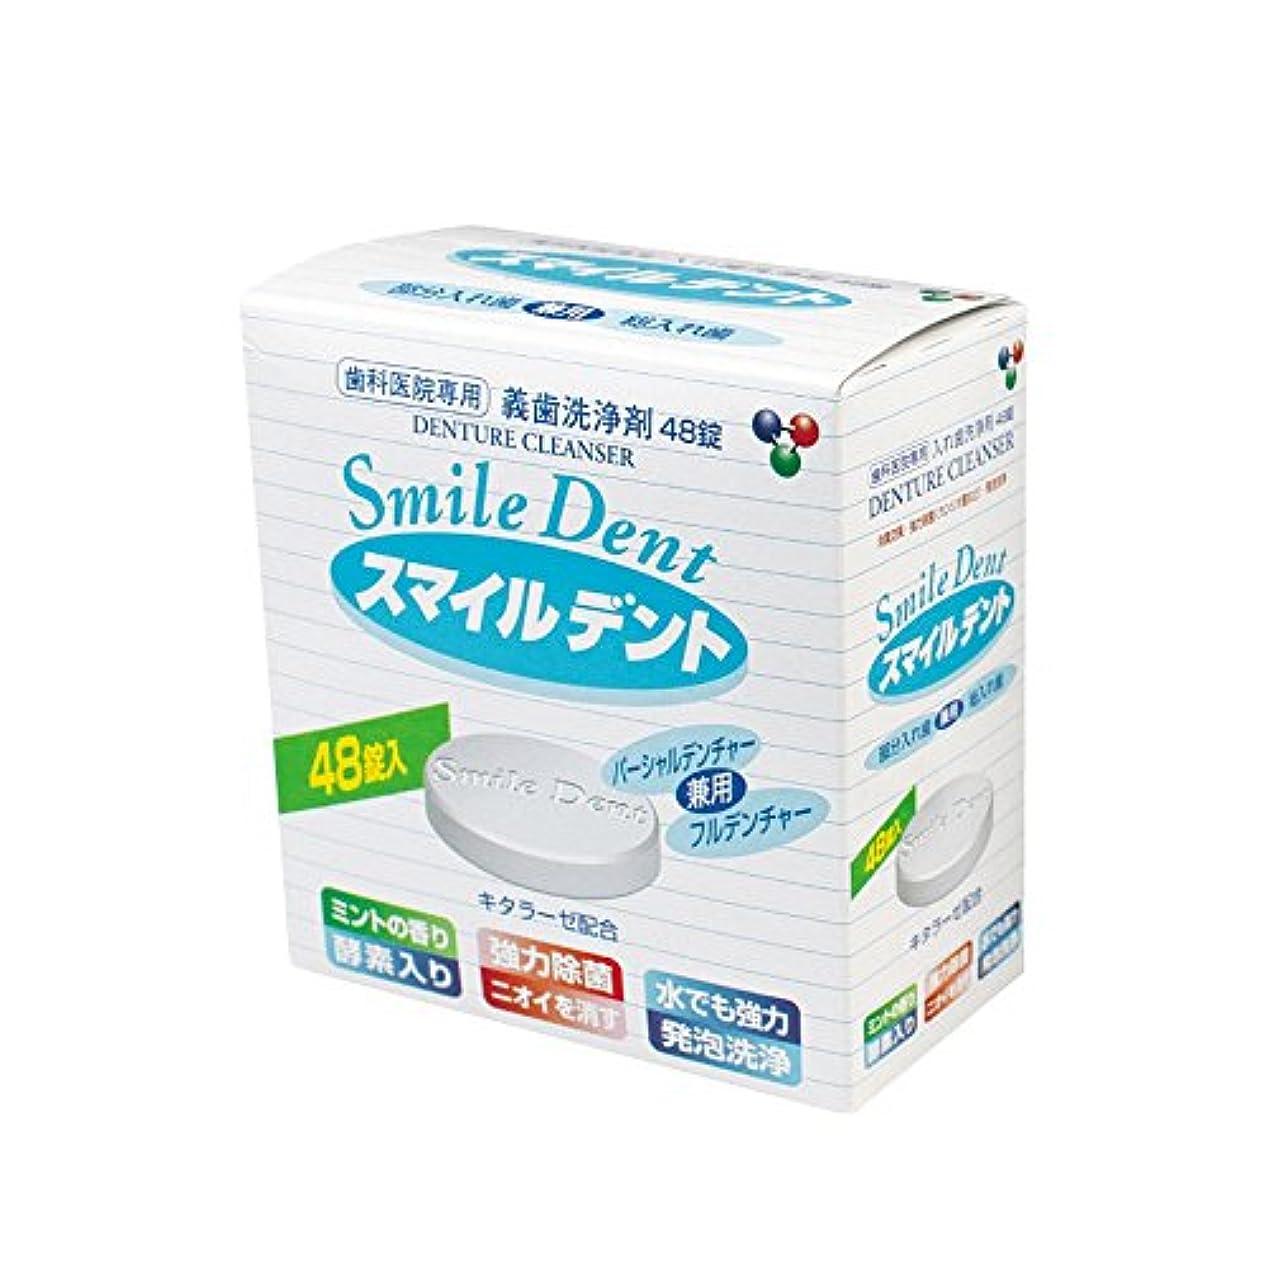 ビート犯人プロジェクター義歯洗浄剤 スマイルデント 1箱(48錠)